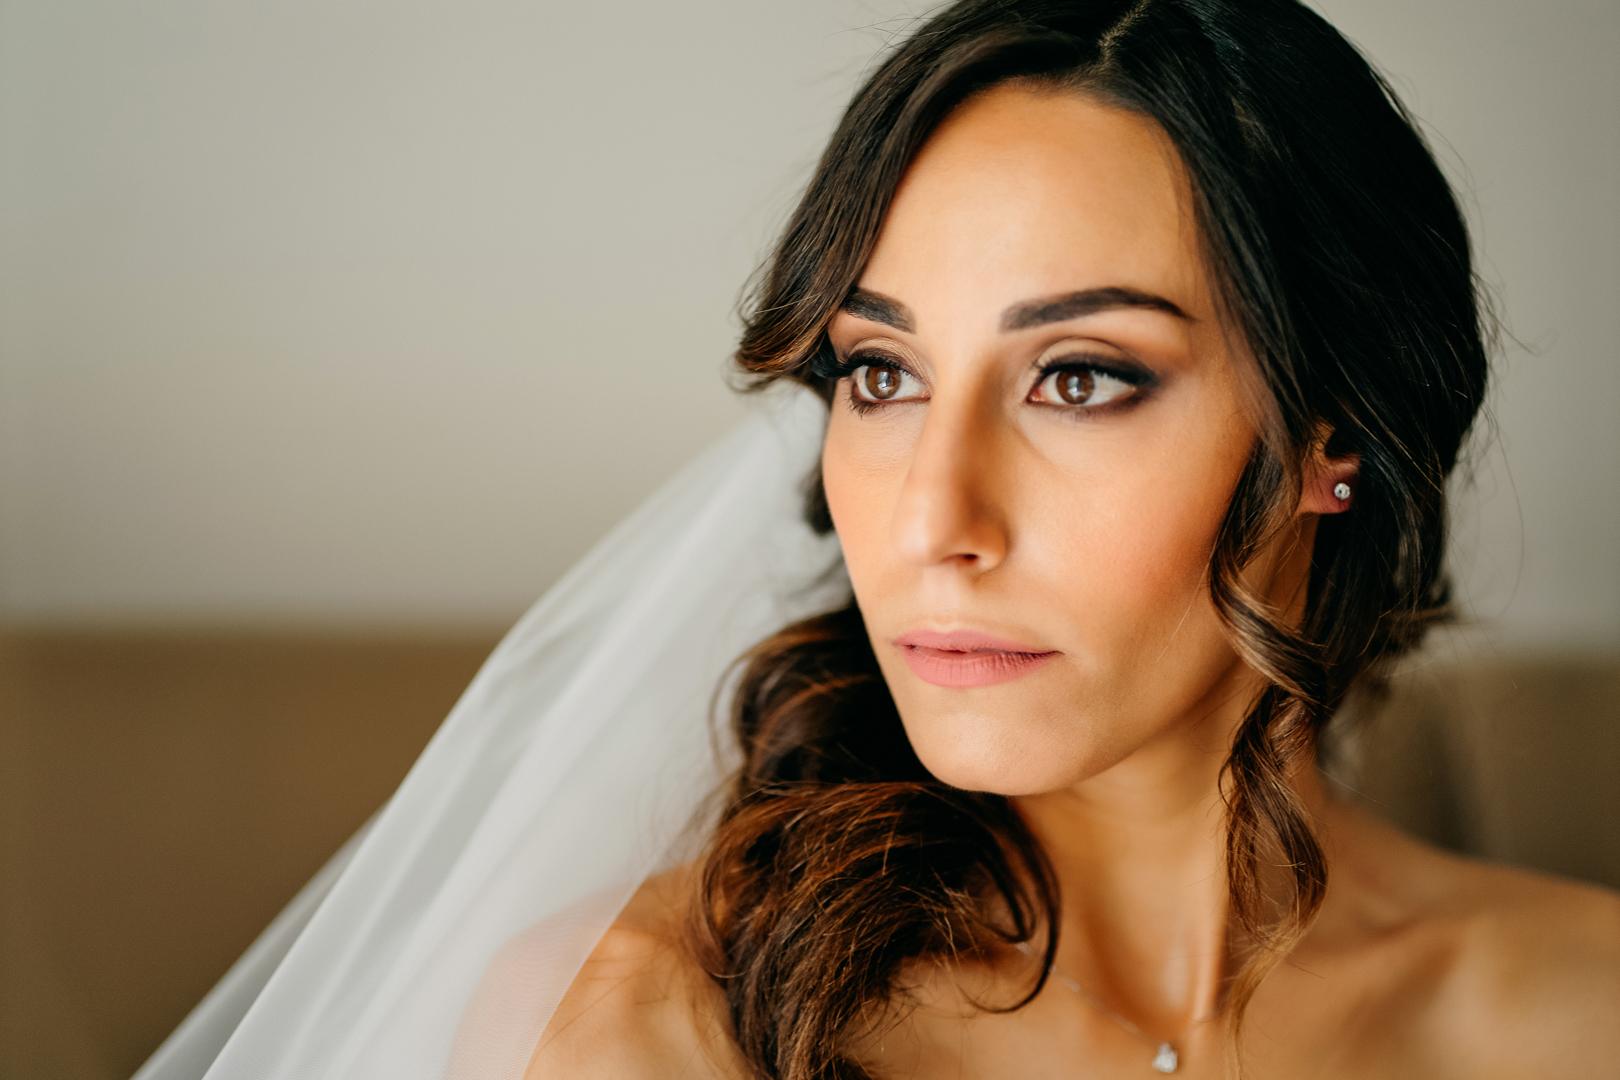 13 gianni-lepore-ritratto-fashion-sposa-bride